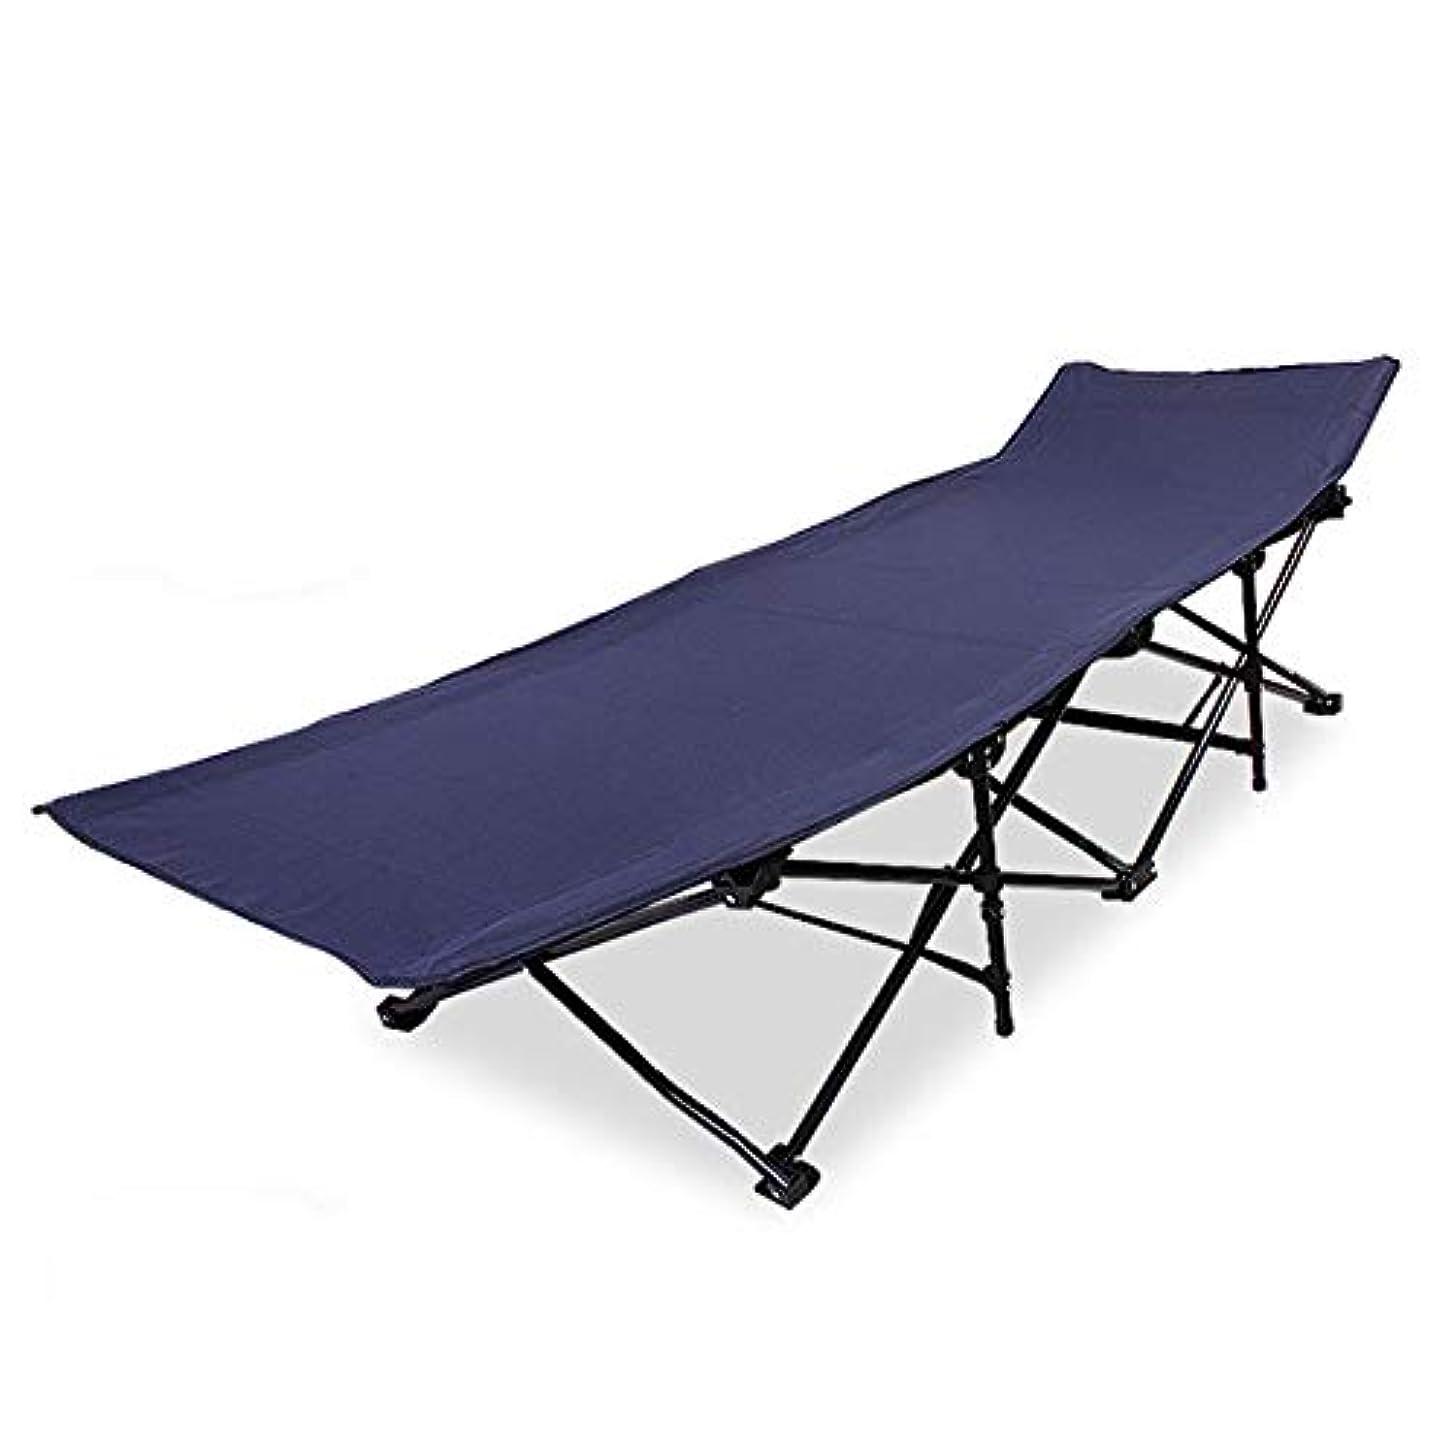 鉛プロペラ政令折りたたみベッド増加ビーチベッド仮眠ベッドダブルファブリック (Color : Dark blue)